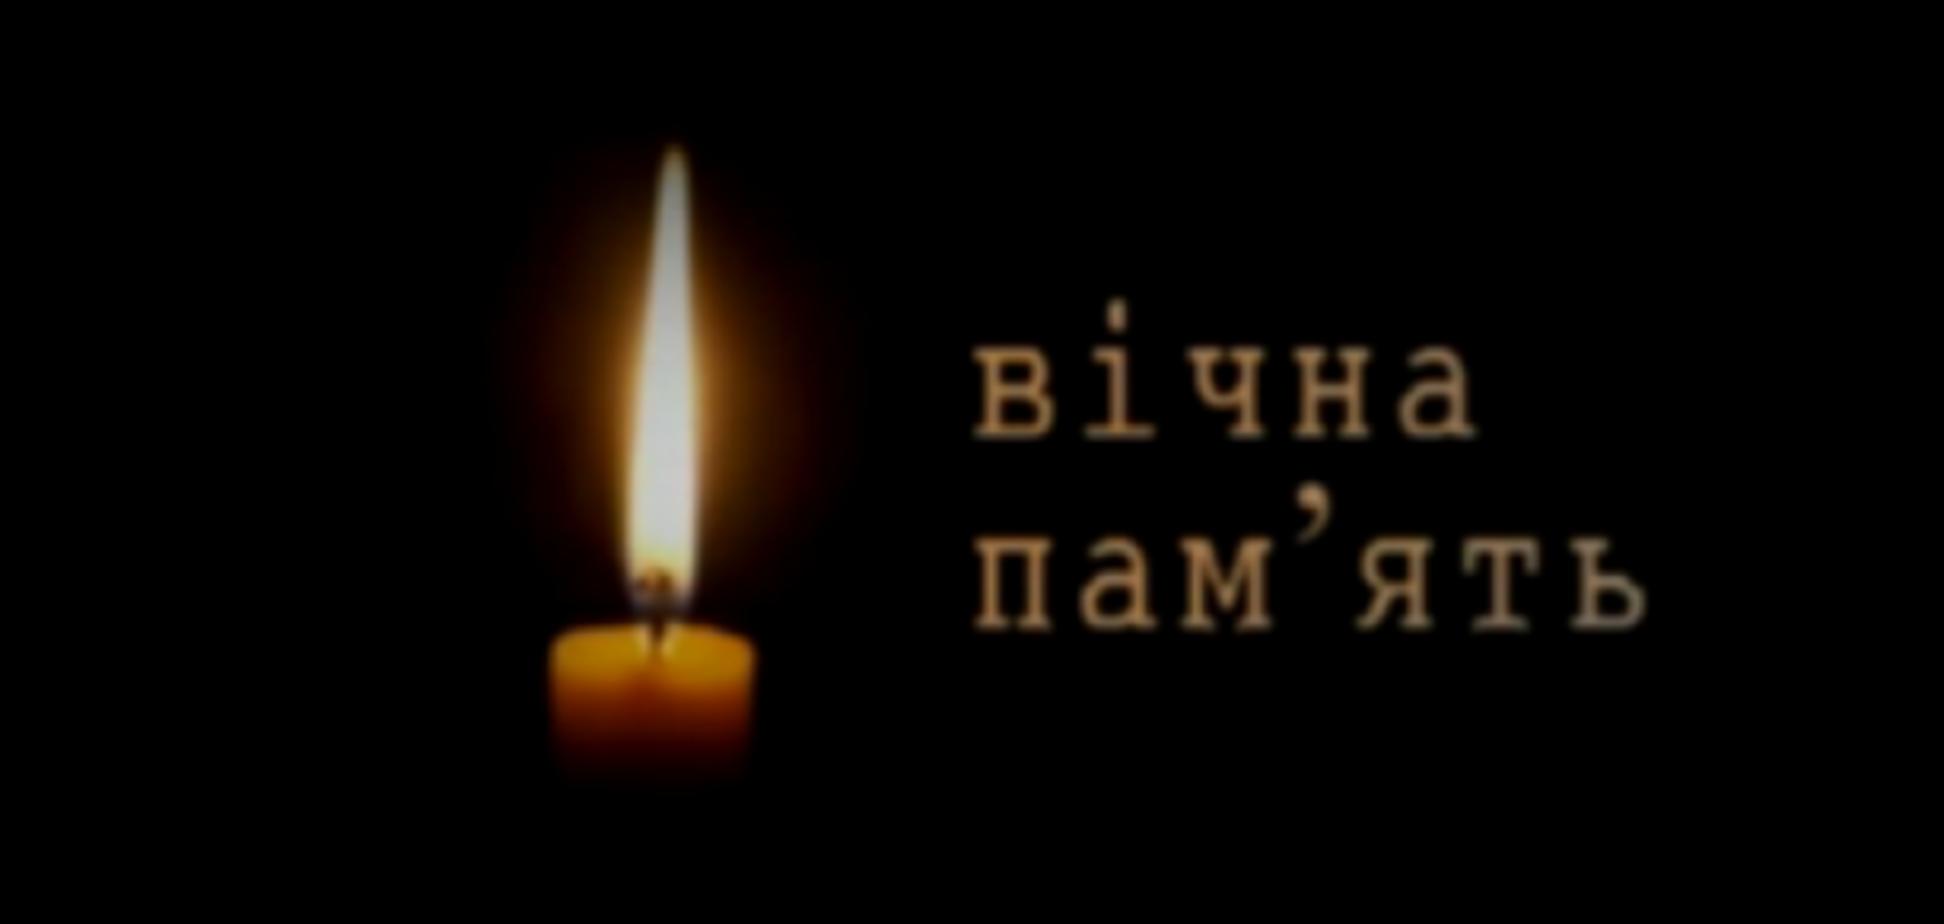 76 неопознанных бойцов АТО похоронят на Запорожье и Днепропетровщине